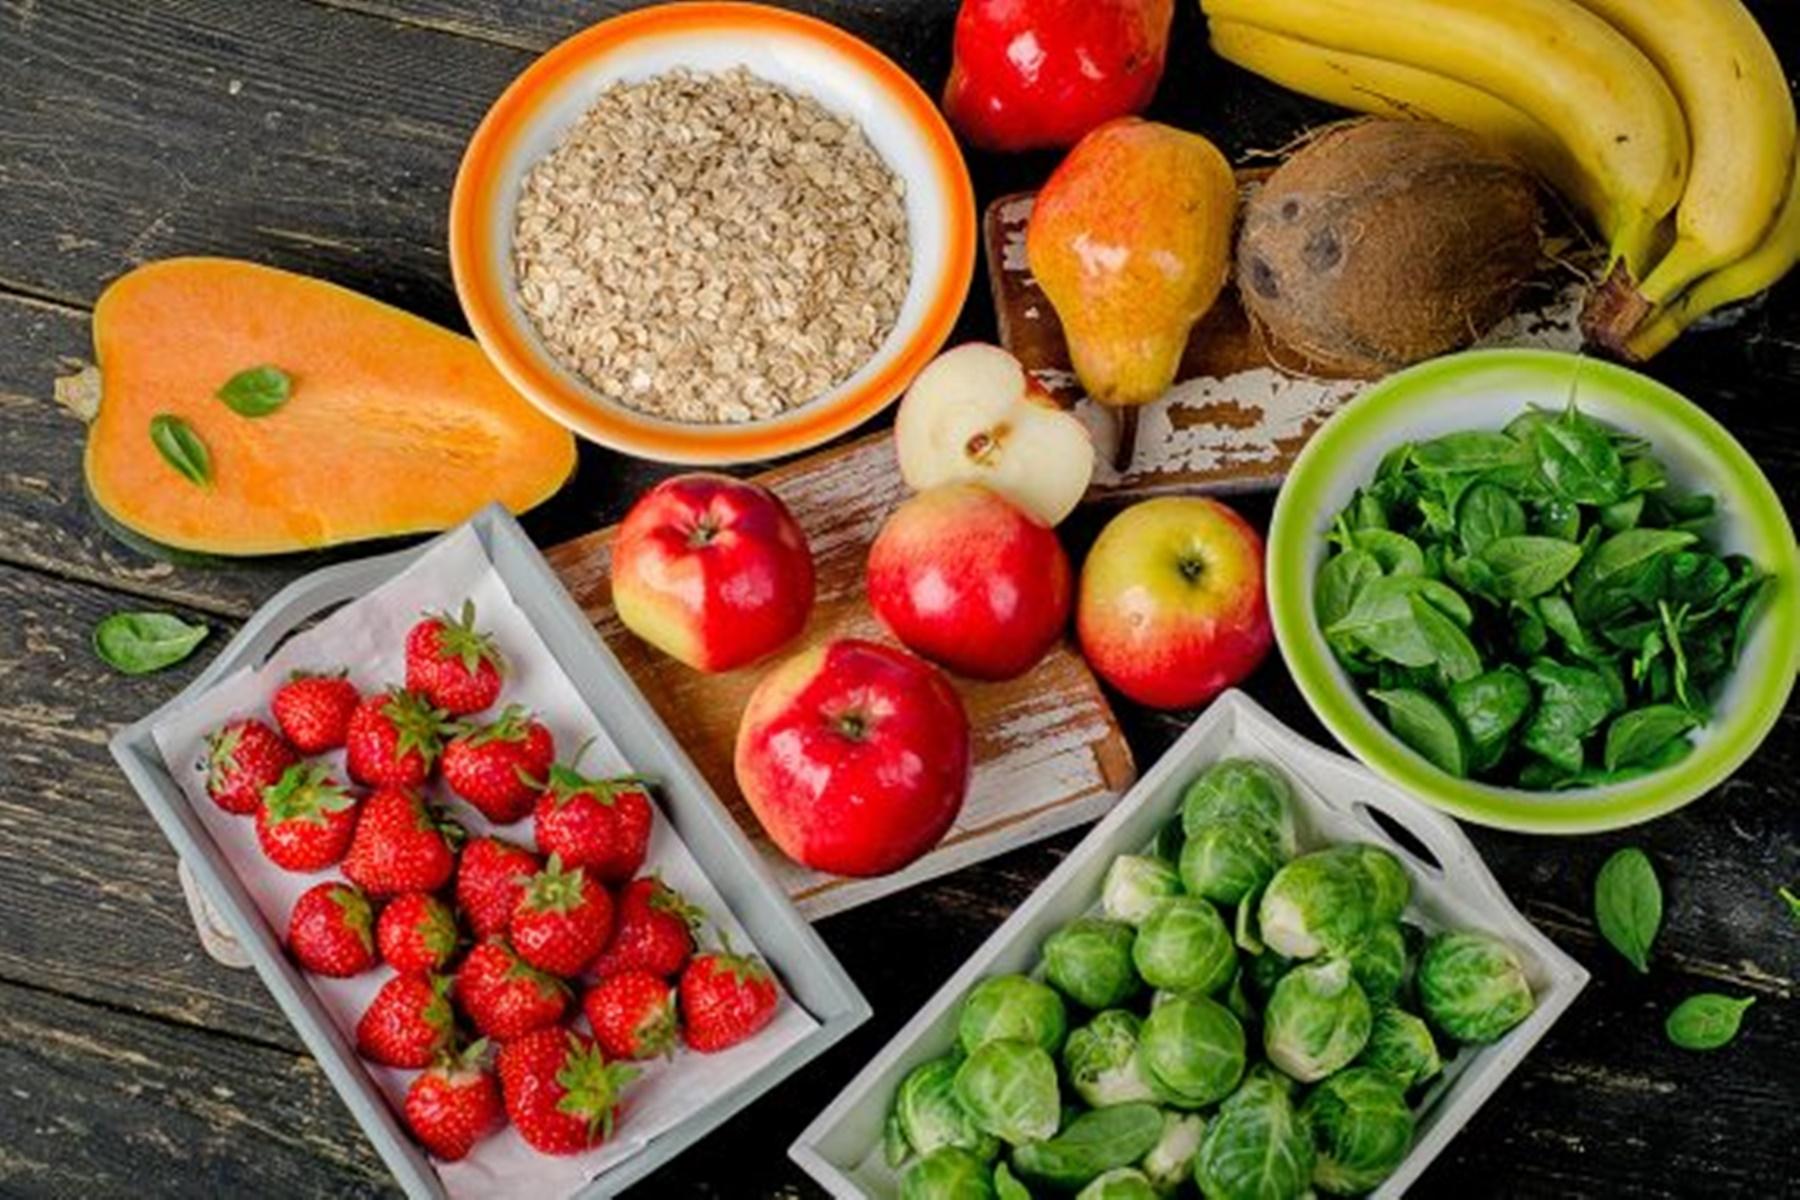 Υγιεινή Διατροφή : Τρείς συμβουλές για να την πετύχεις